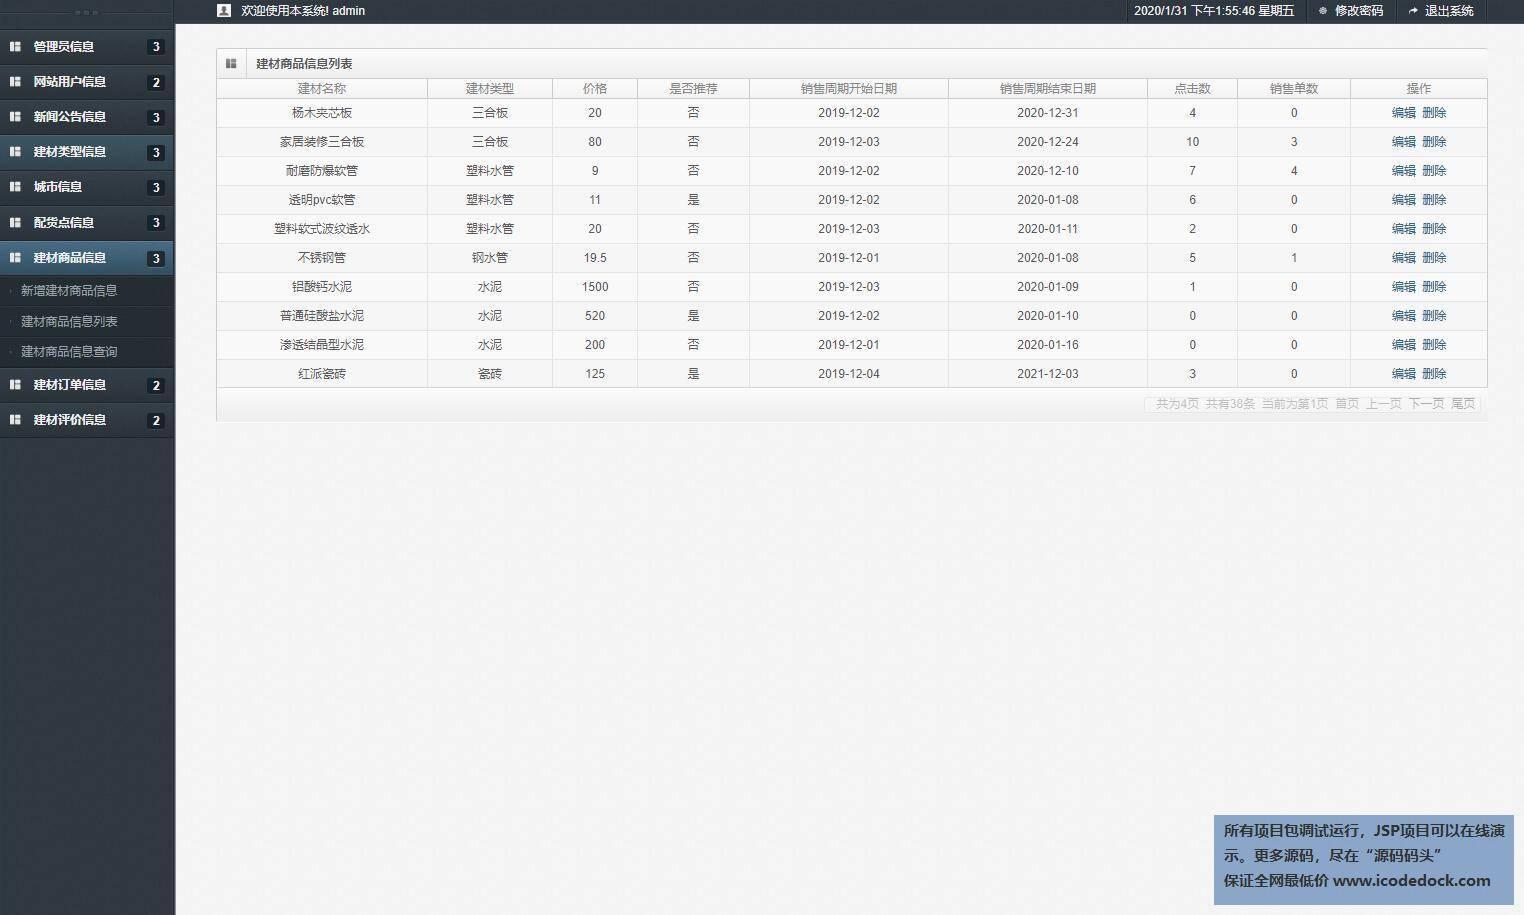 源码码头-SSM建材商城网站-管理员角色-建材商品管理